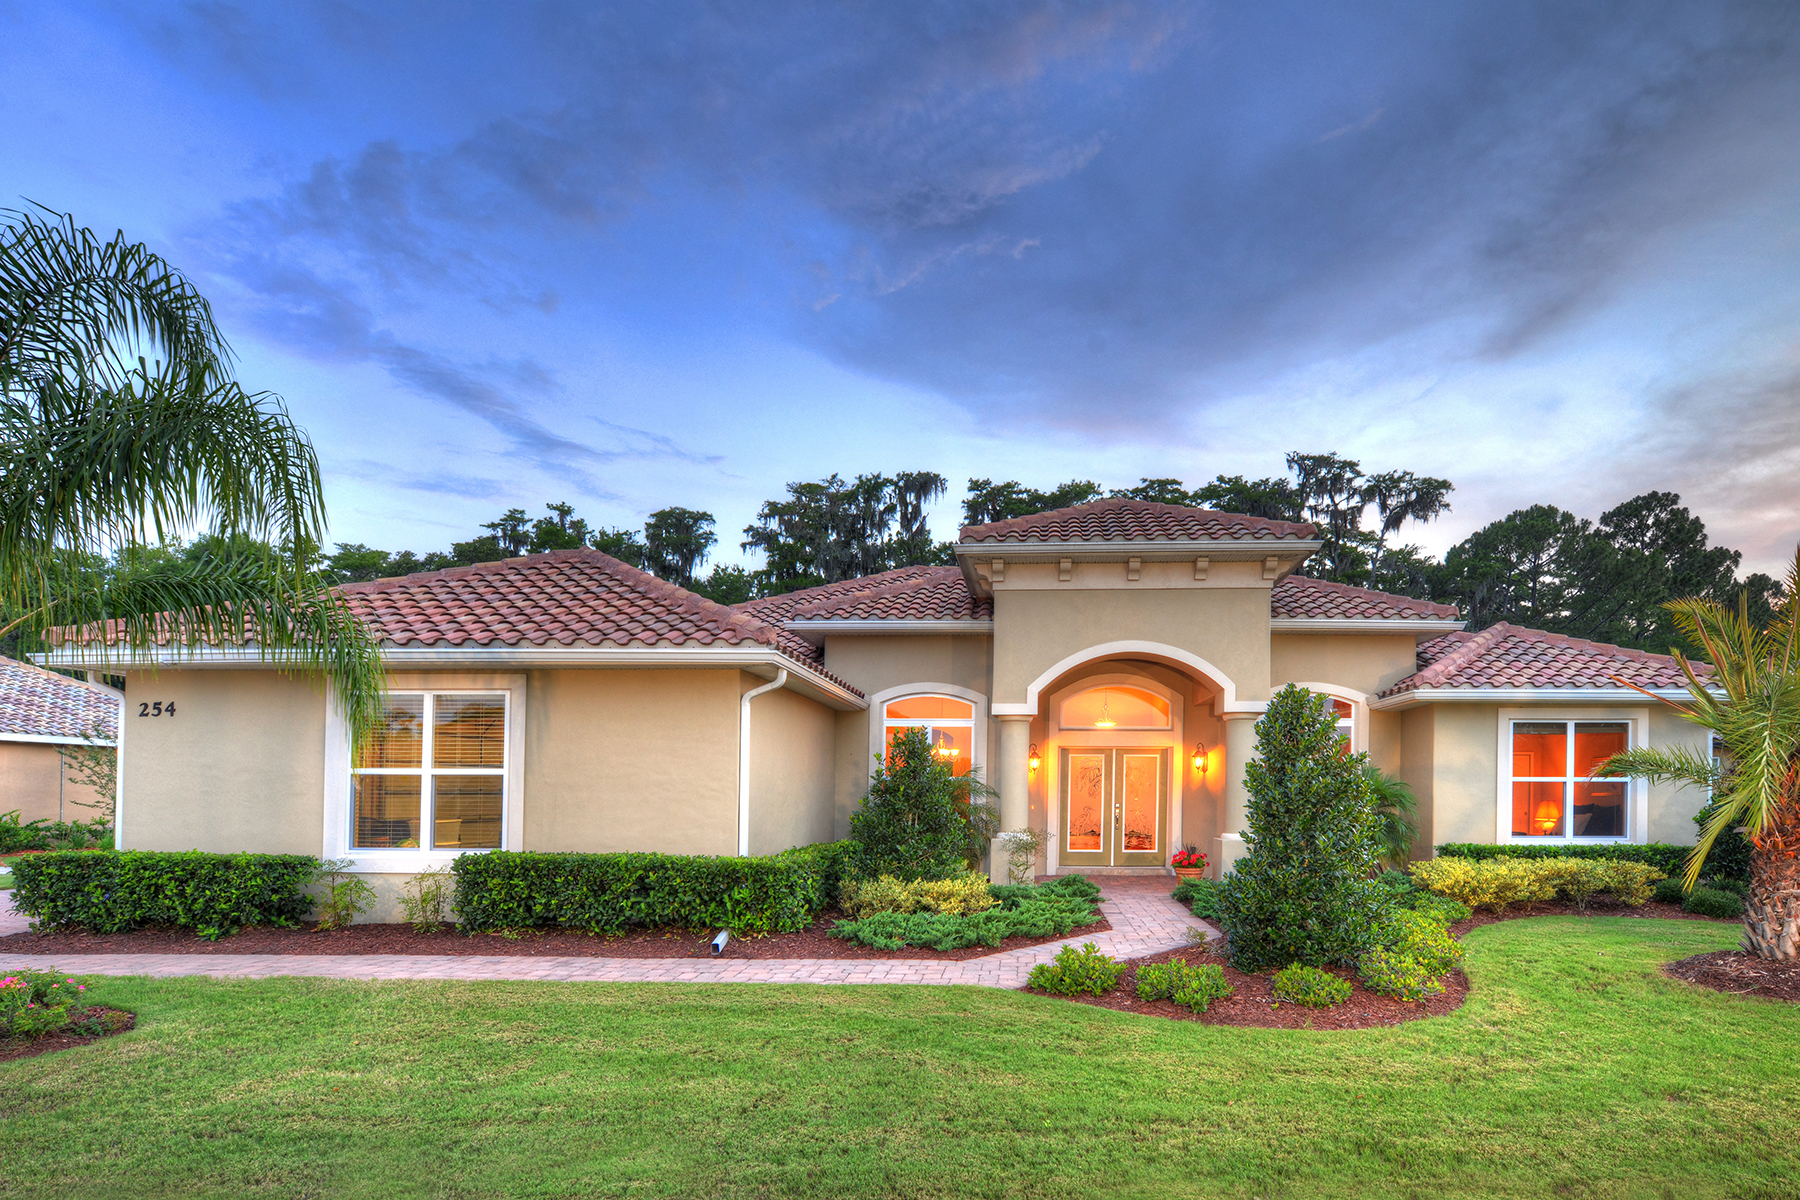 Einfamilienhaus für Verkauf beim SPRUCE CREEK AND THE BEACHES 254 Portofino Blvd New Smyrna Beach, Florida, 32168 Vereinigte Staaten